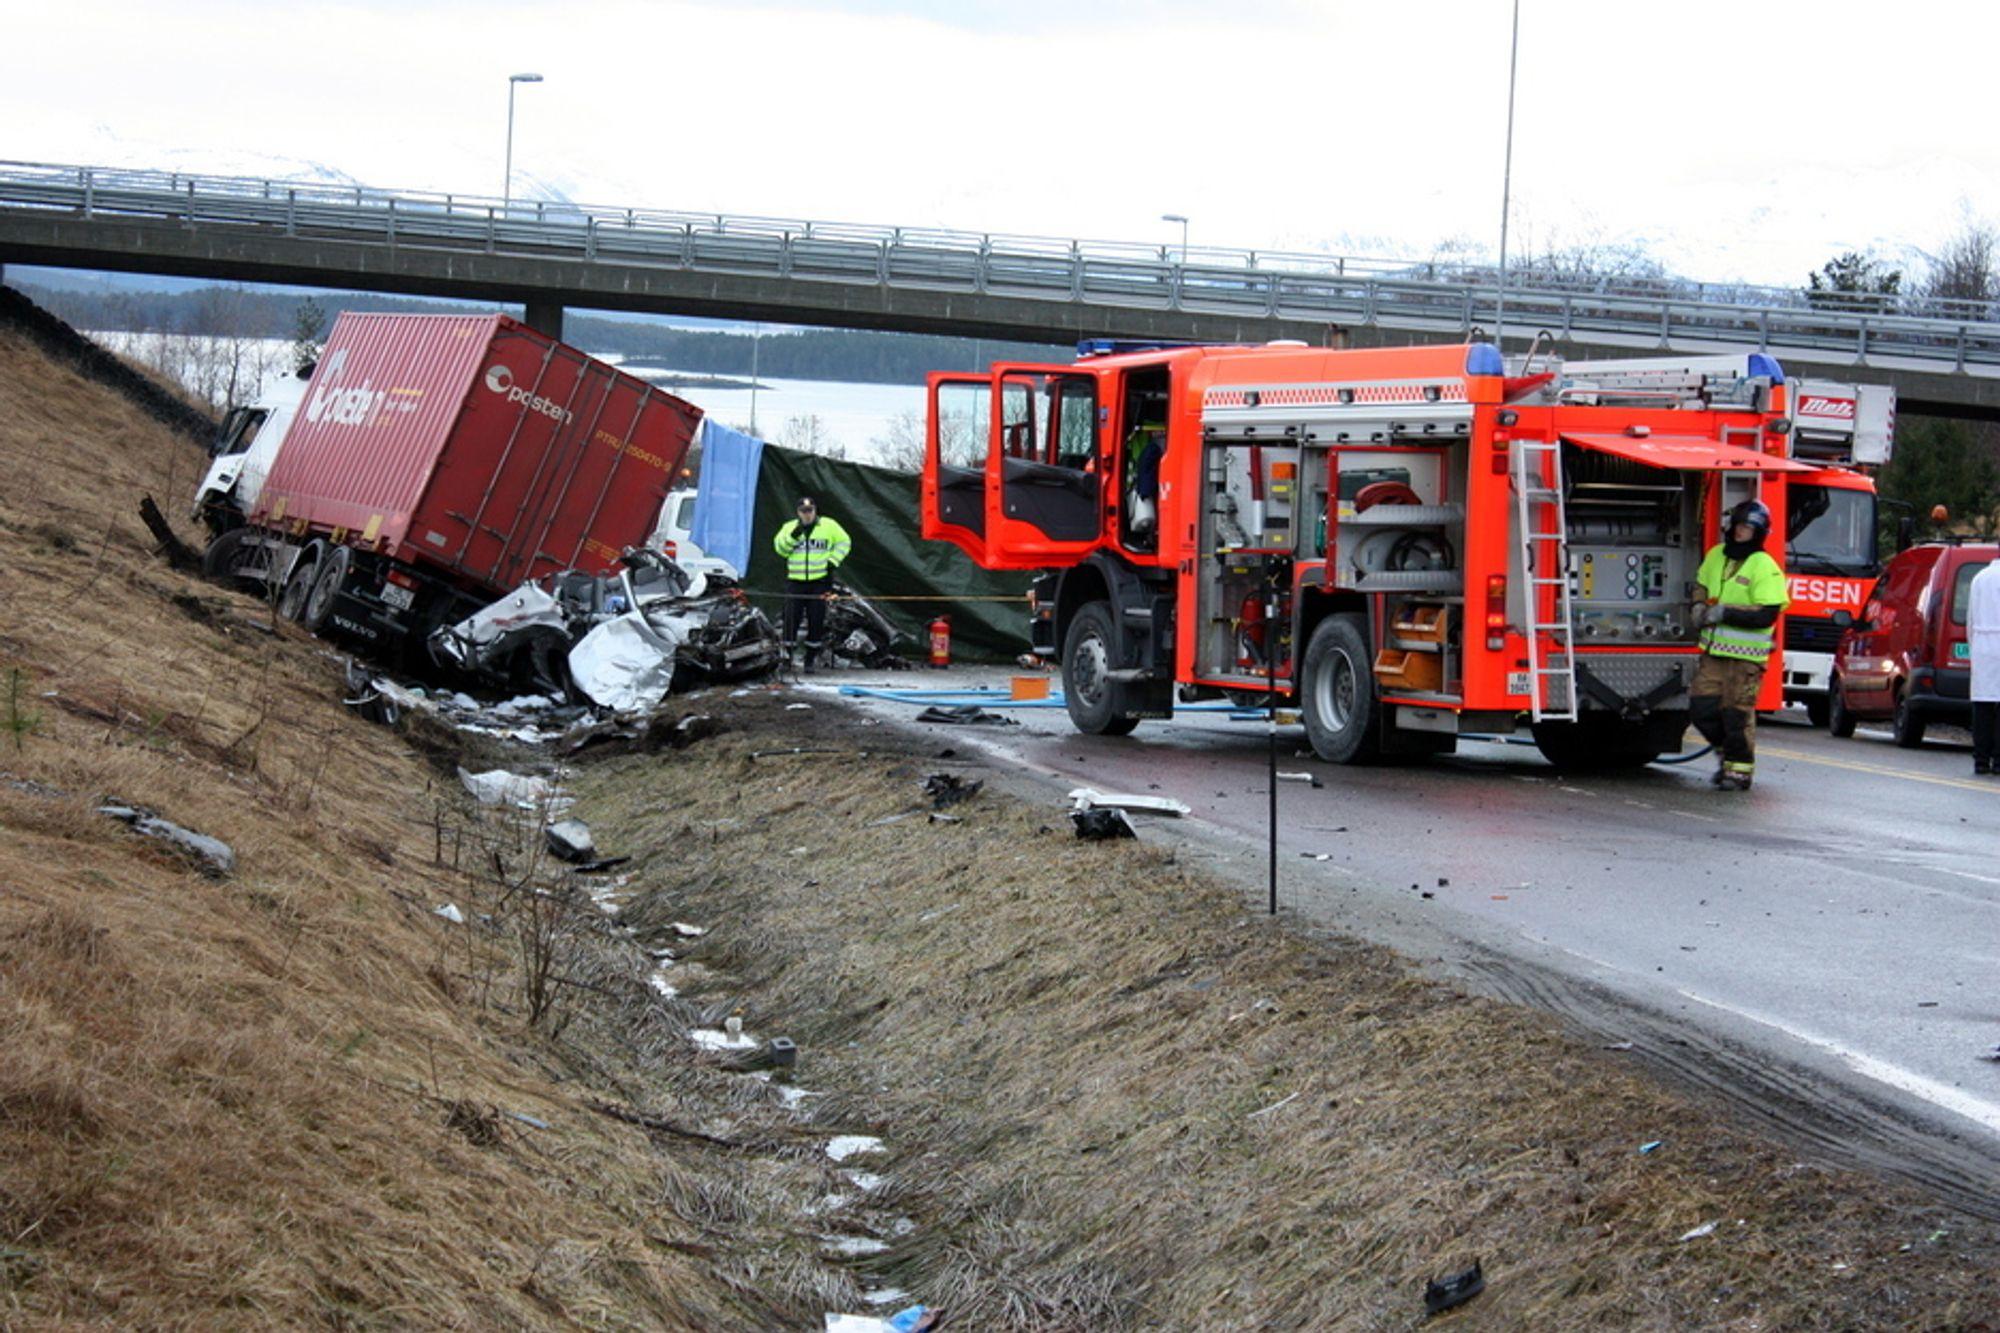 Bildet er tatt kort tid etter den tragiske ulykken i Årødalen i Molde, der Jon Sidney Potter (51) og hans kone Ann (47) omkom. De satt i den lille bilen (nærmest) som ble fullstendig ødelagt i kollisjonen med lastebilen.